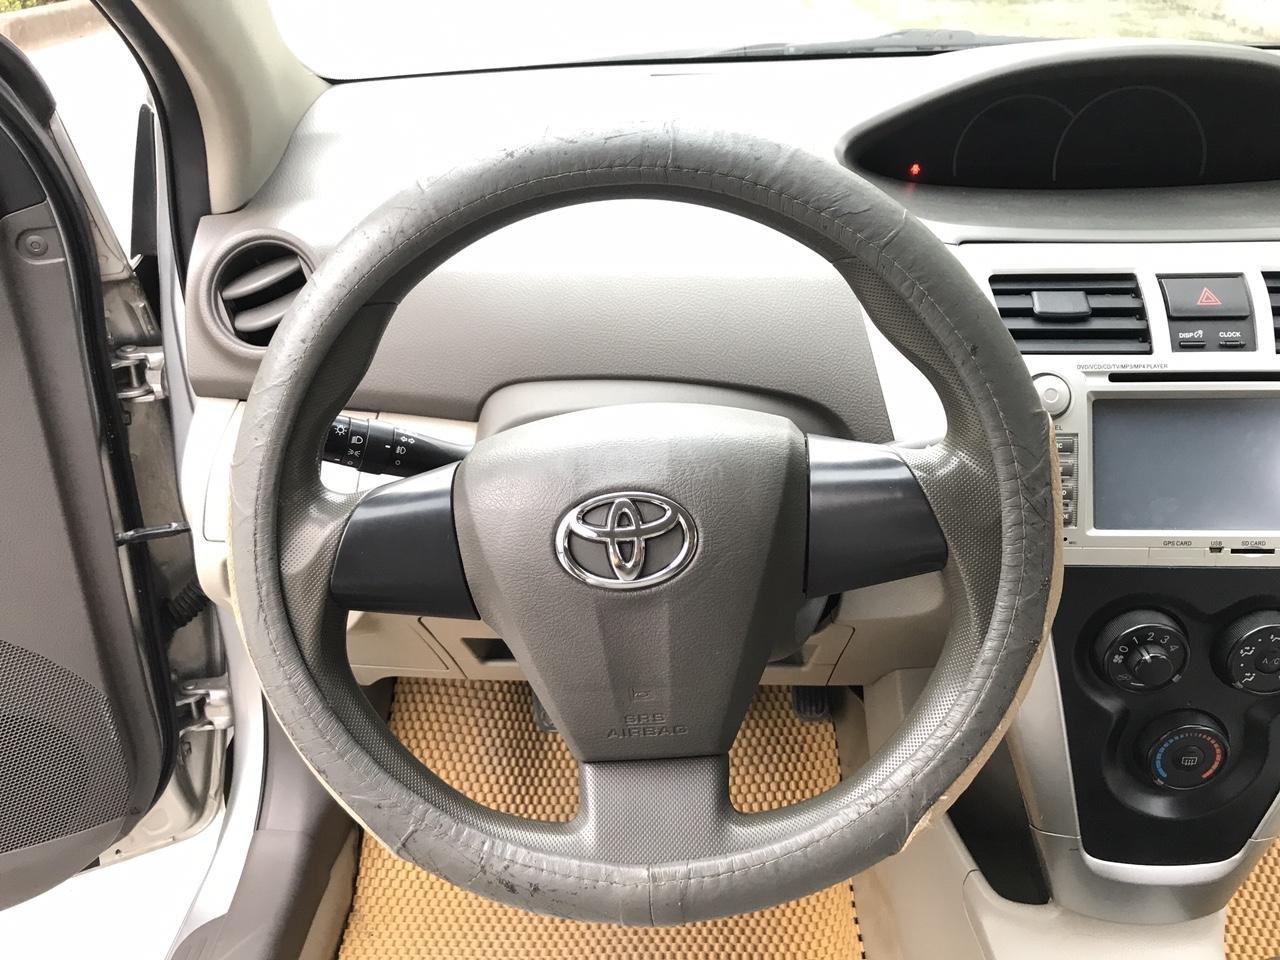 Bán Toyota Vios 1.5 E đời 2013, màu bạc, 380 triệu. Nói không với Limo taxi-5